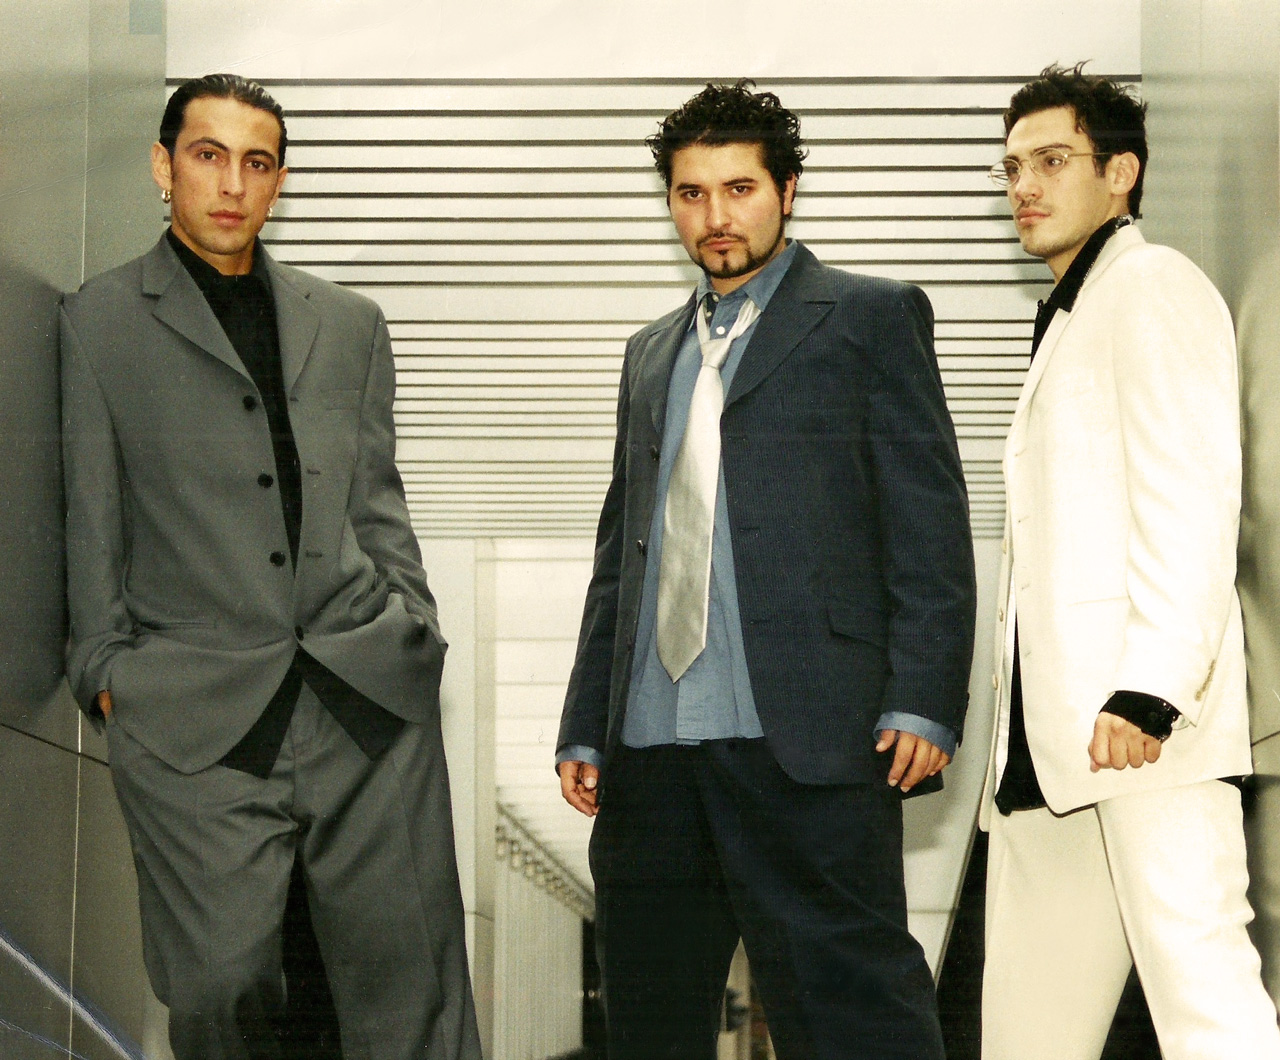 Gentlemen: David Lopera, Jossef Hennessy, Mickael Casol, 2002